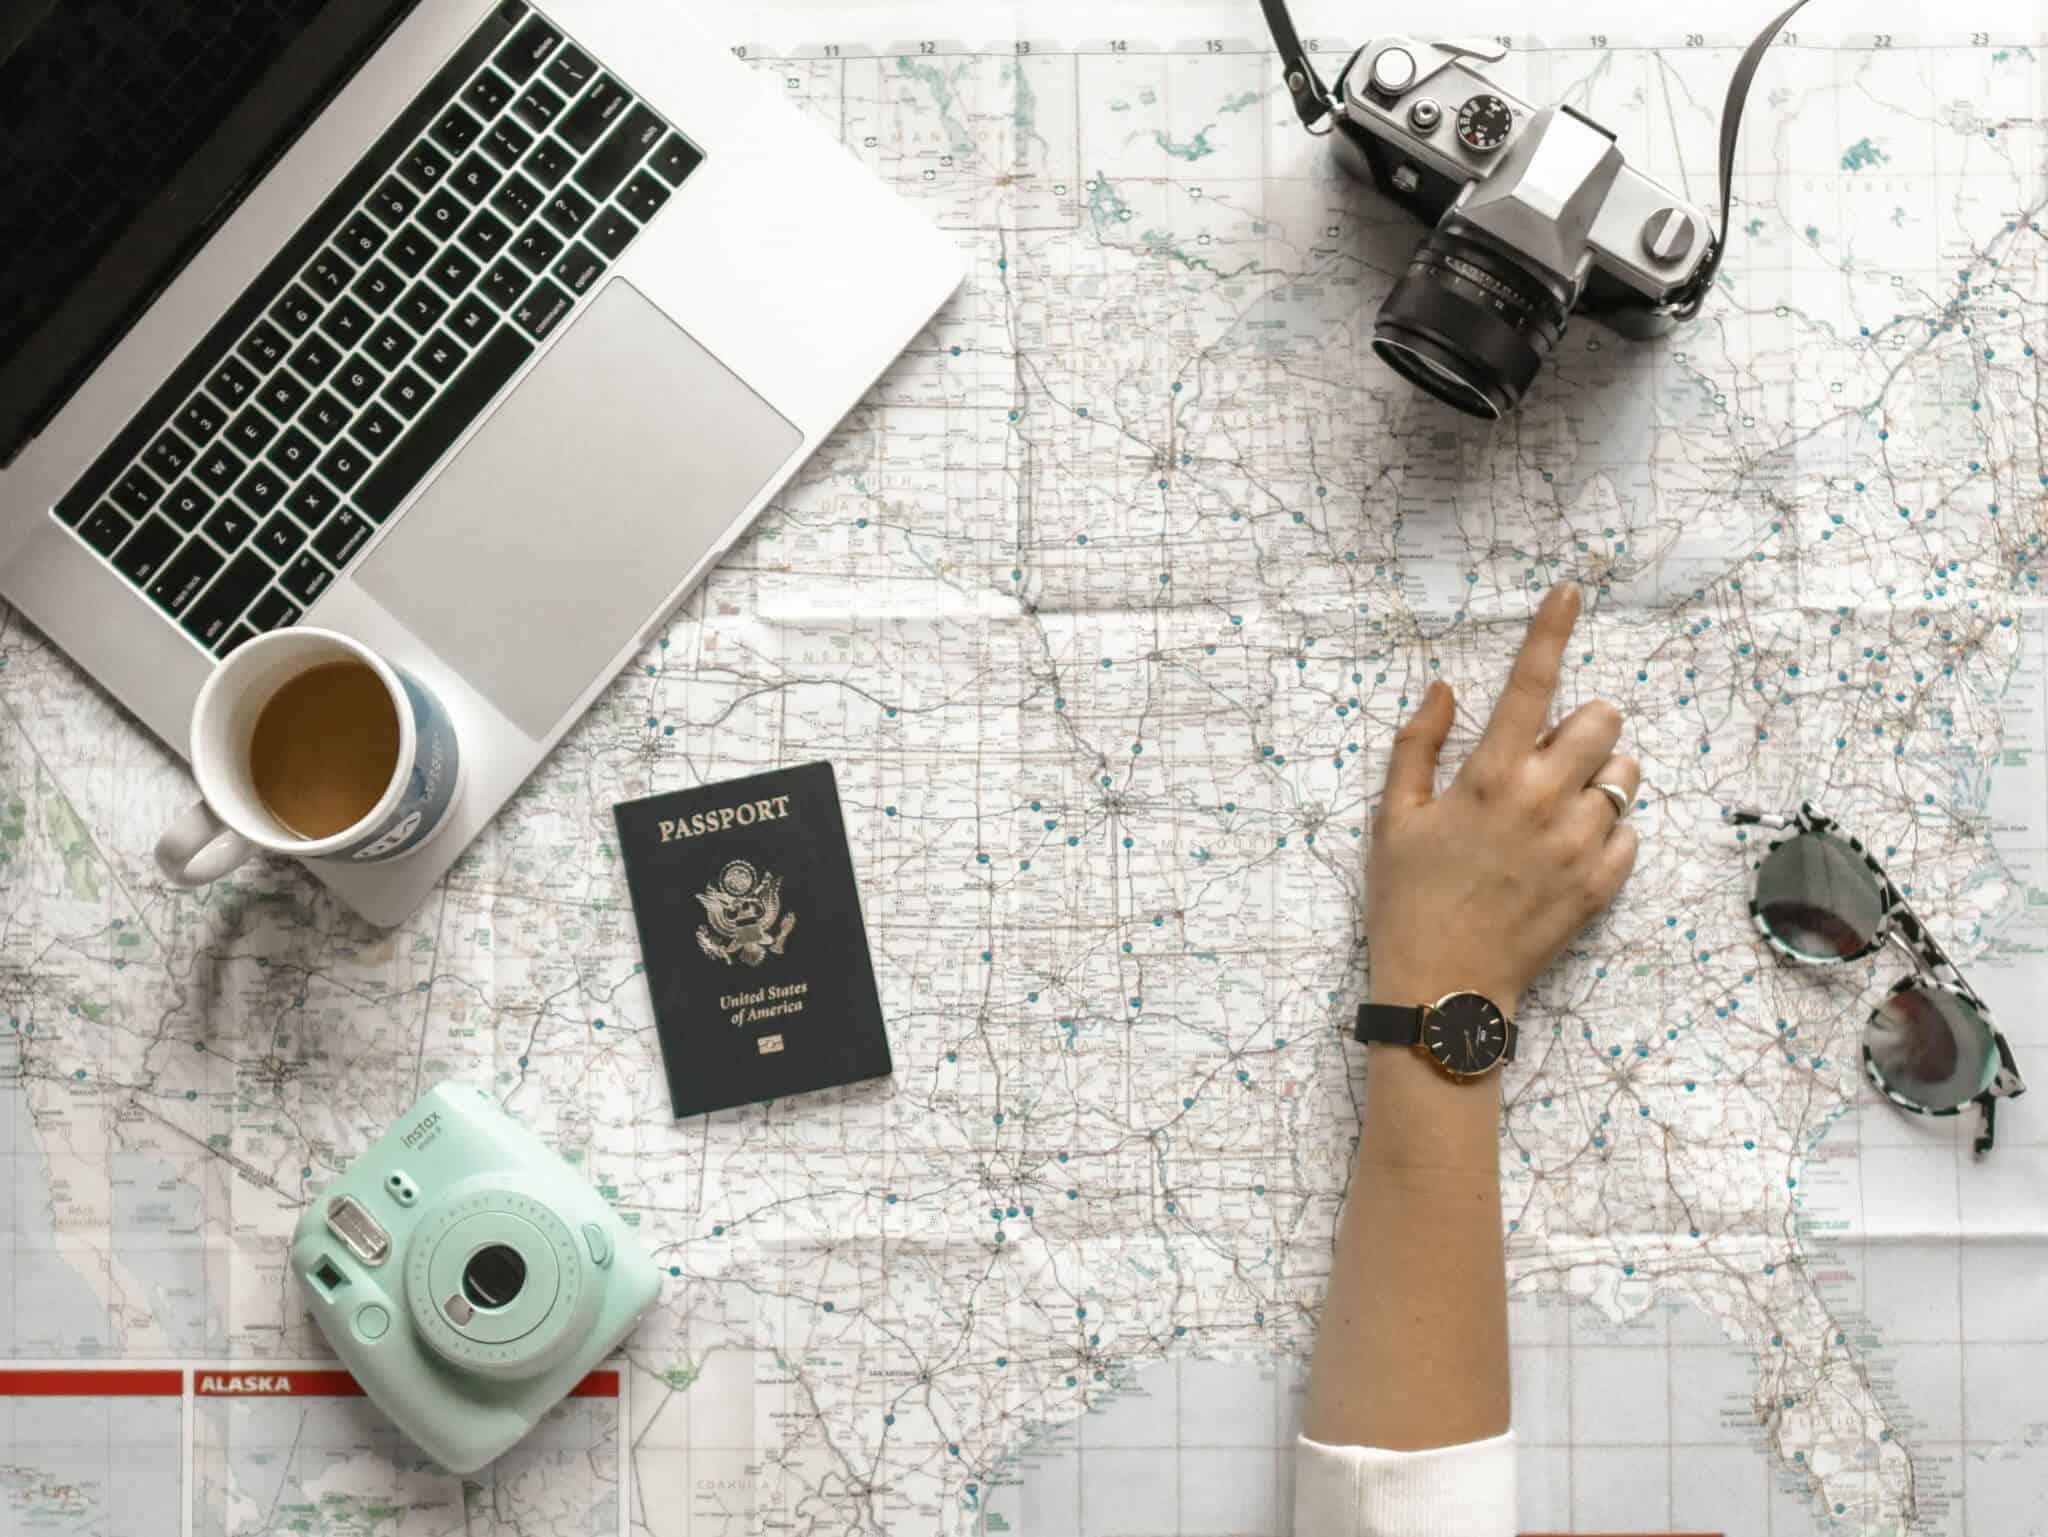 mapa de viagens com máquinas fotográficas em cima e um passaporte